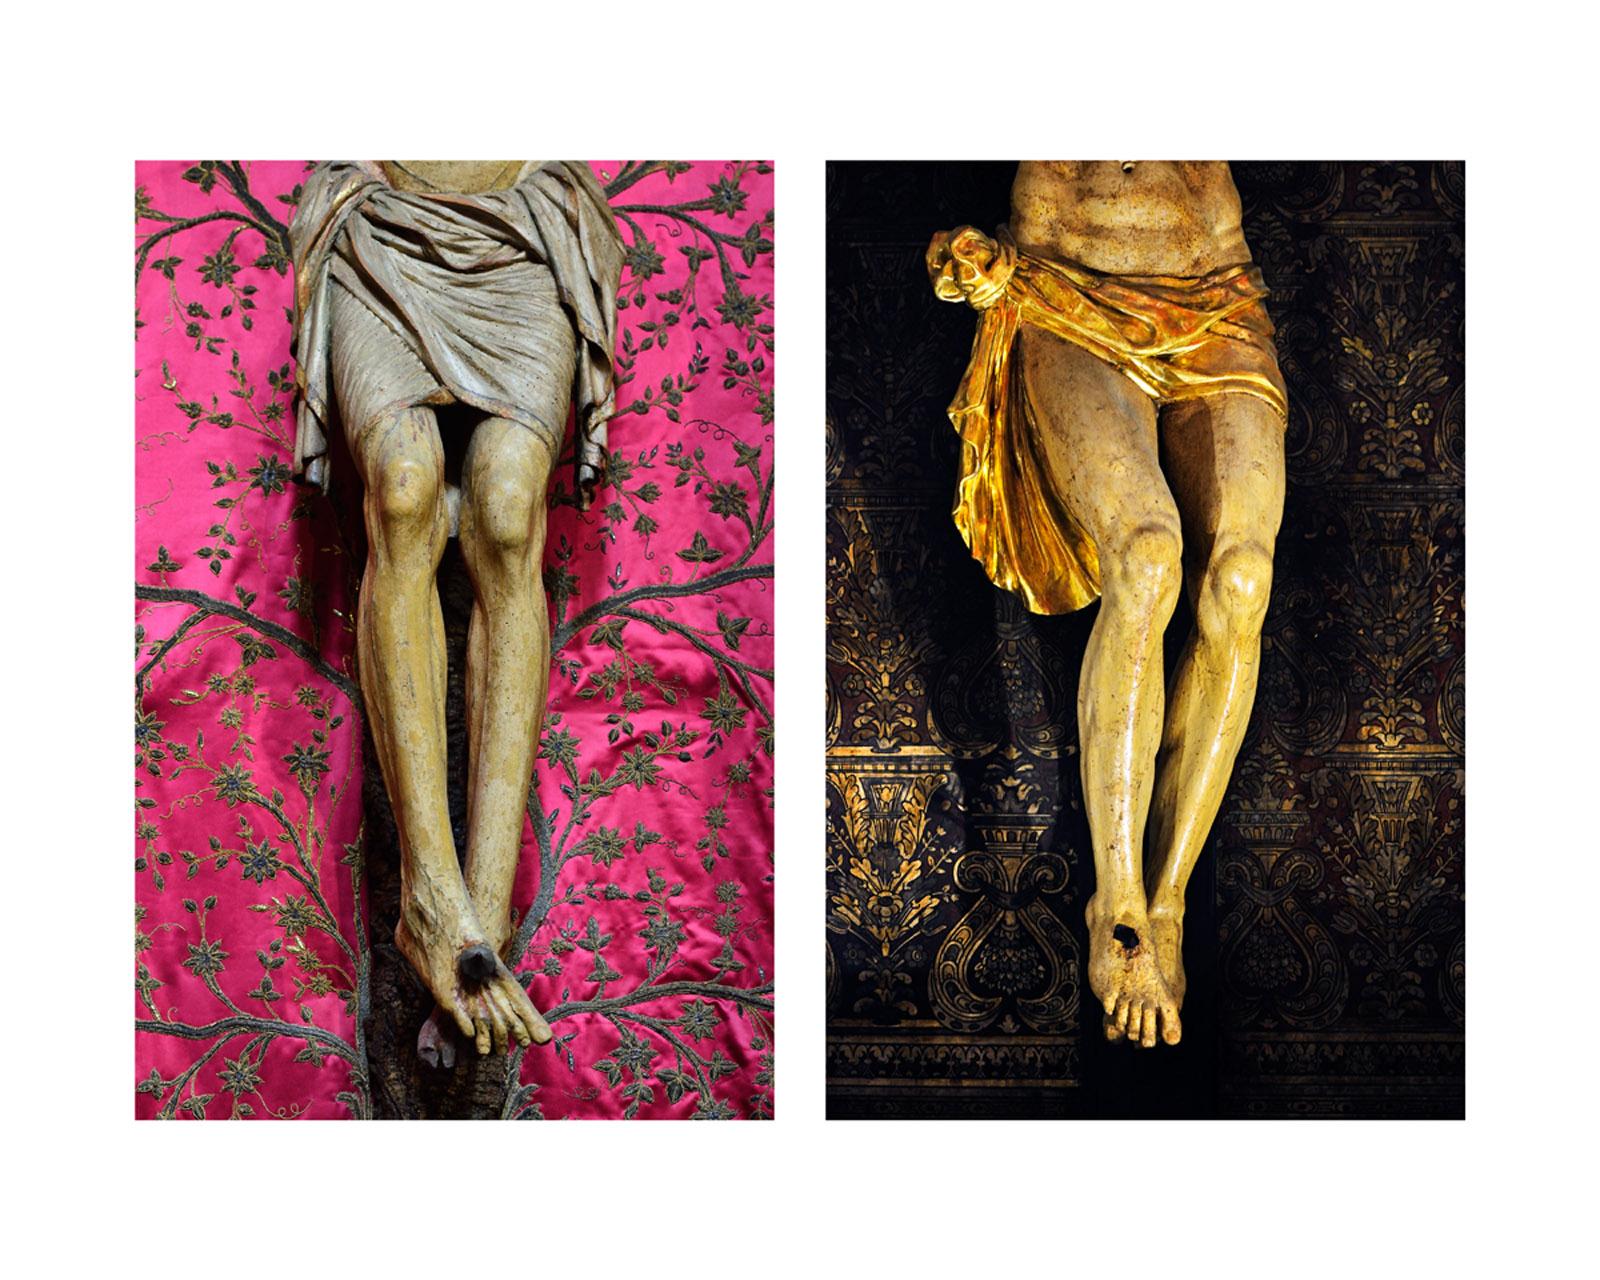 Concorso fotografico internazionale Algebar e Spazio 2, Genova. Alla ricerca dell'umanità: L'esperienza religiosa.